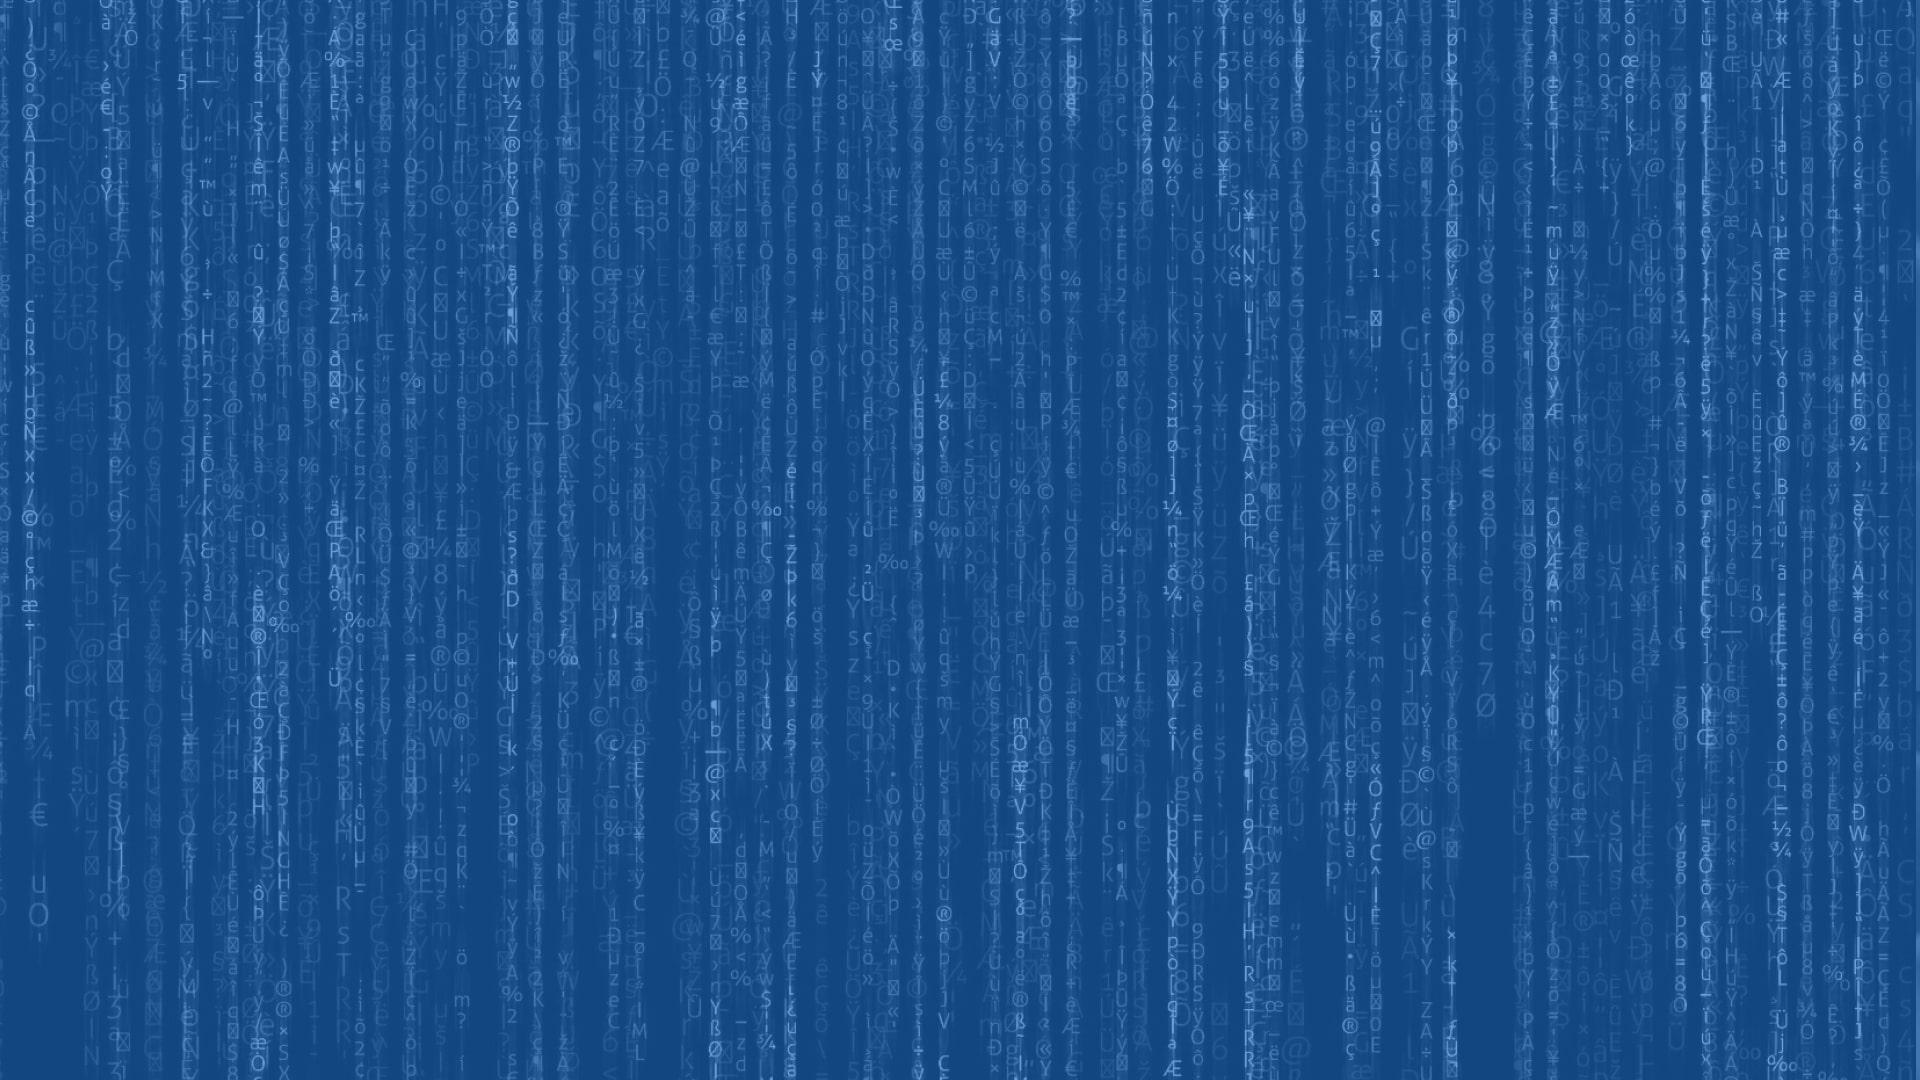 Системы высокопроизводительных вычислений в 2019–2020 годах: обзор достижений и анализ рынков